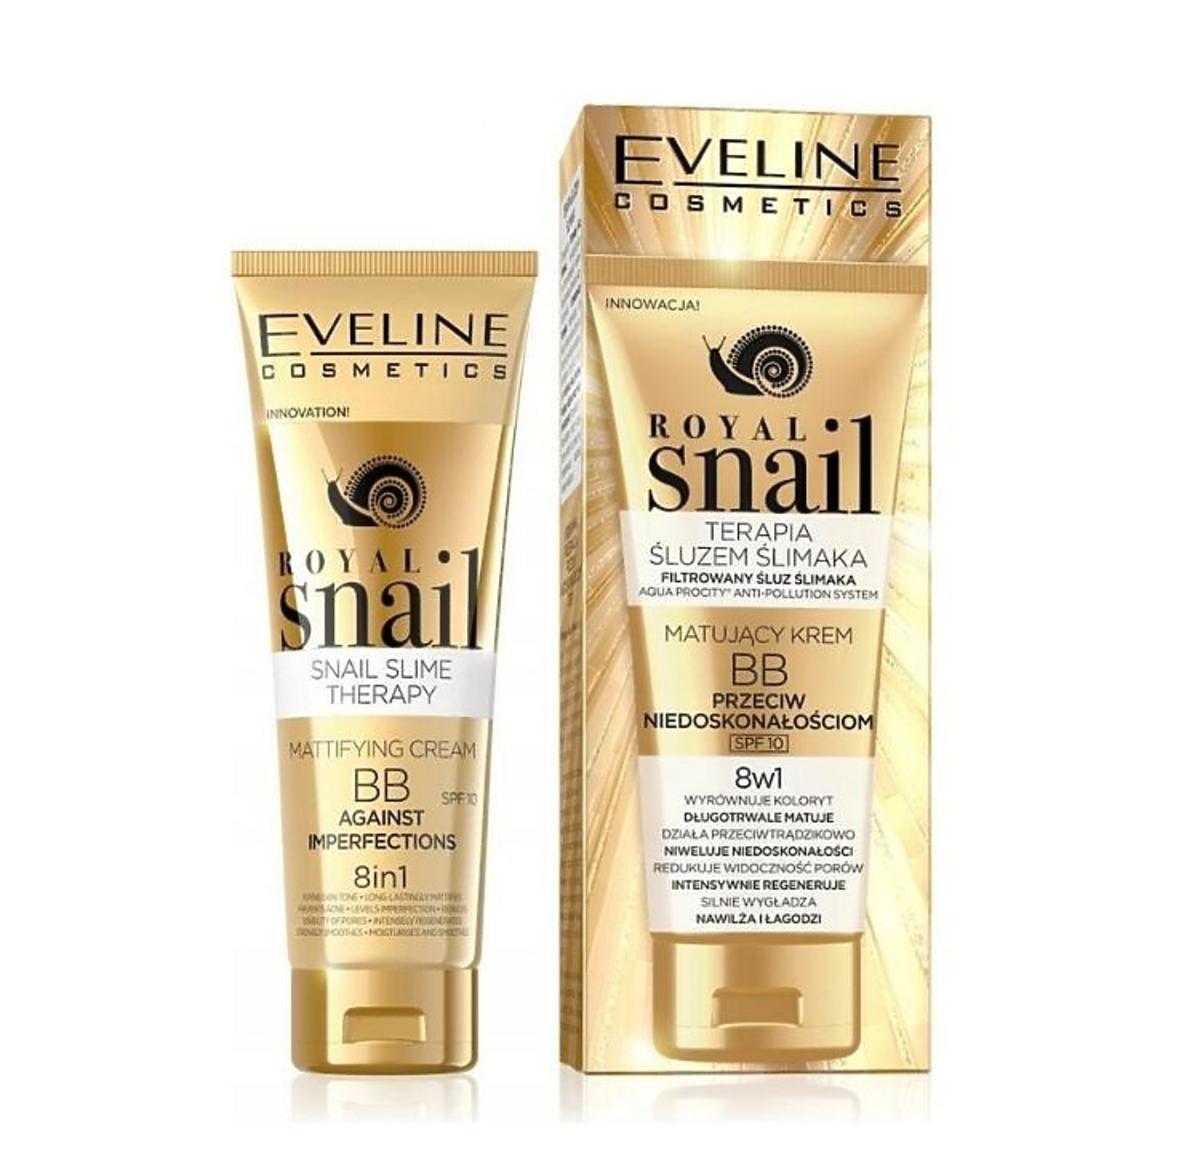 Krem BB Royal Snail od Eveline Cosmetics